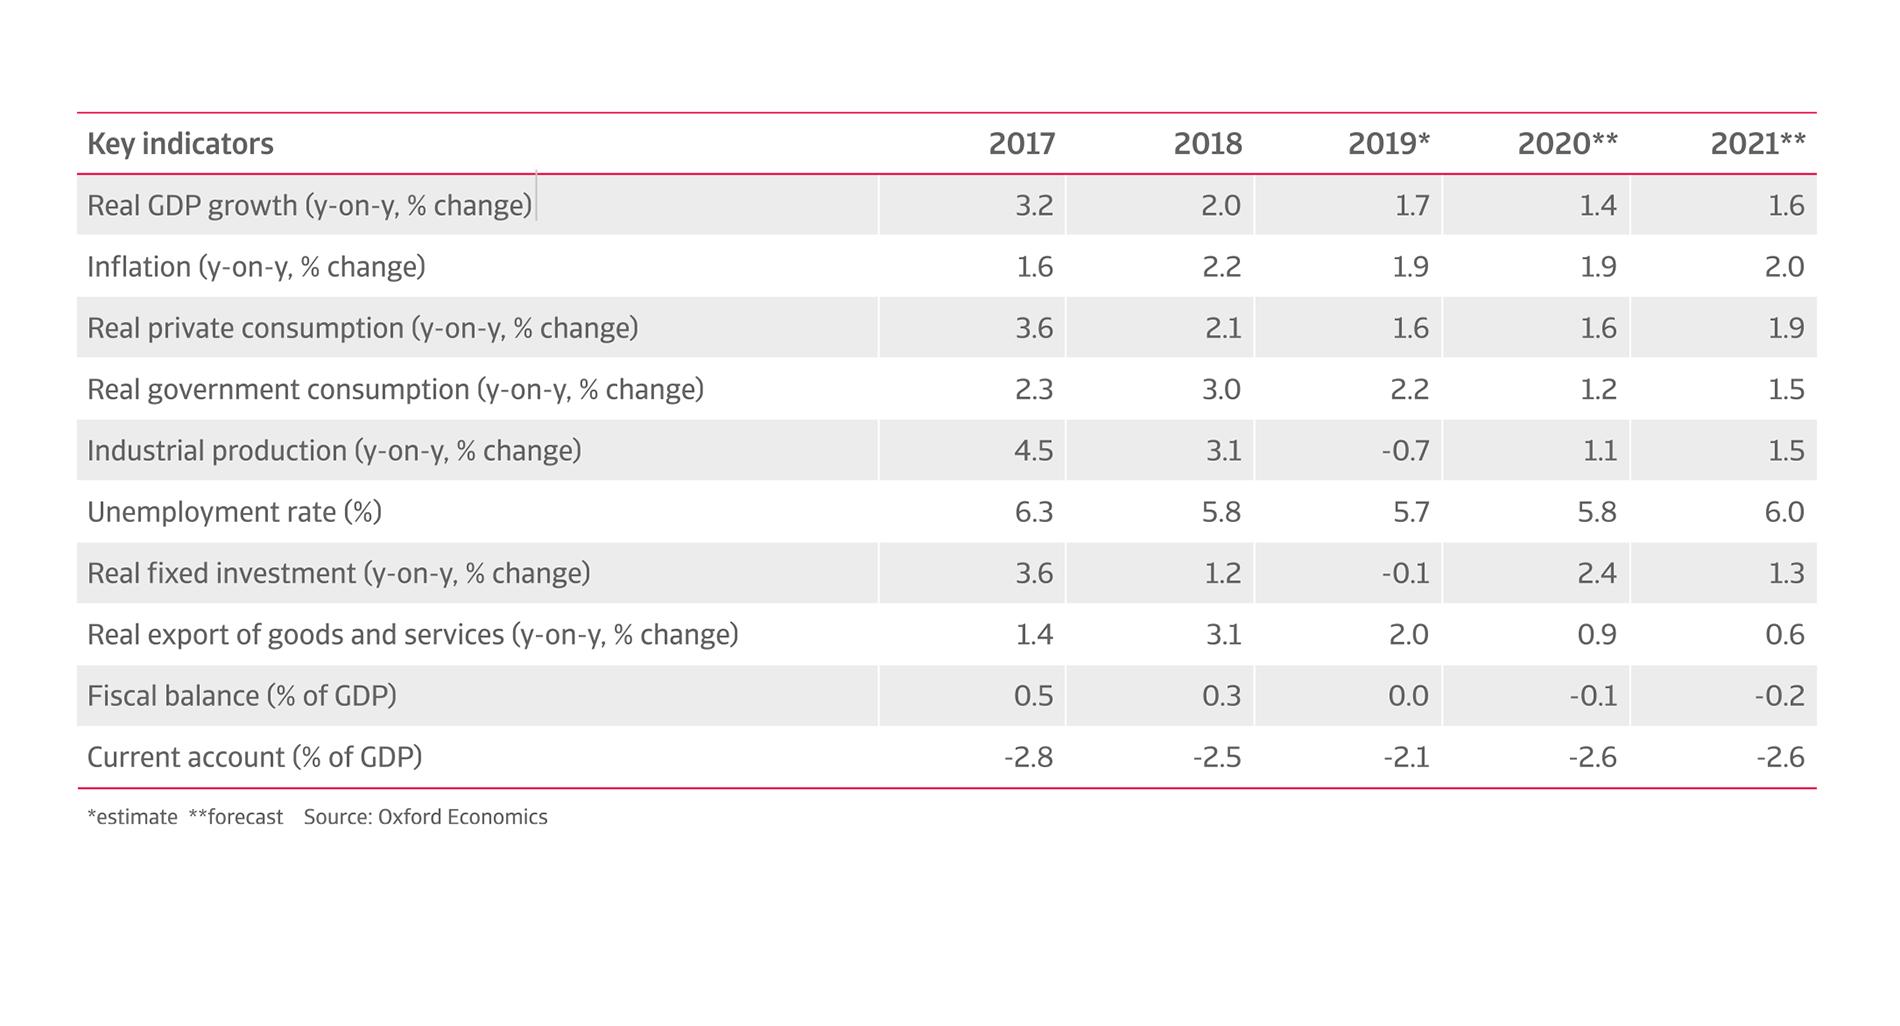 Key indicators of canadian economy